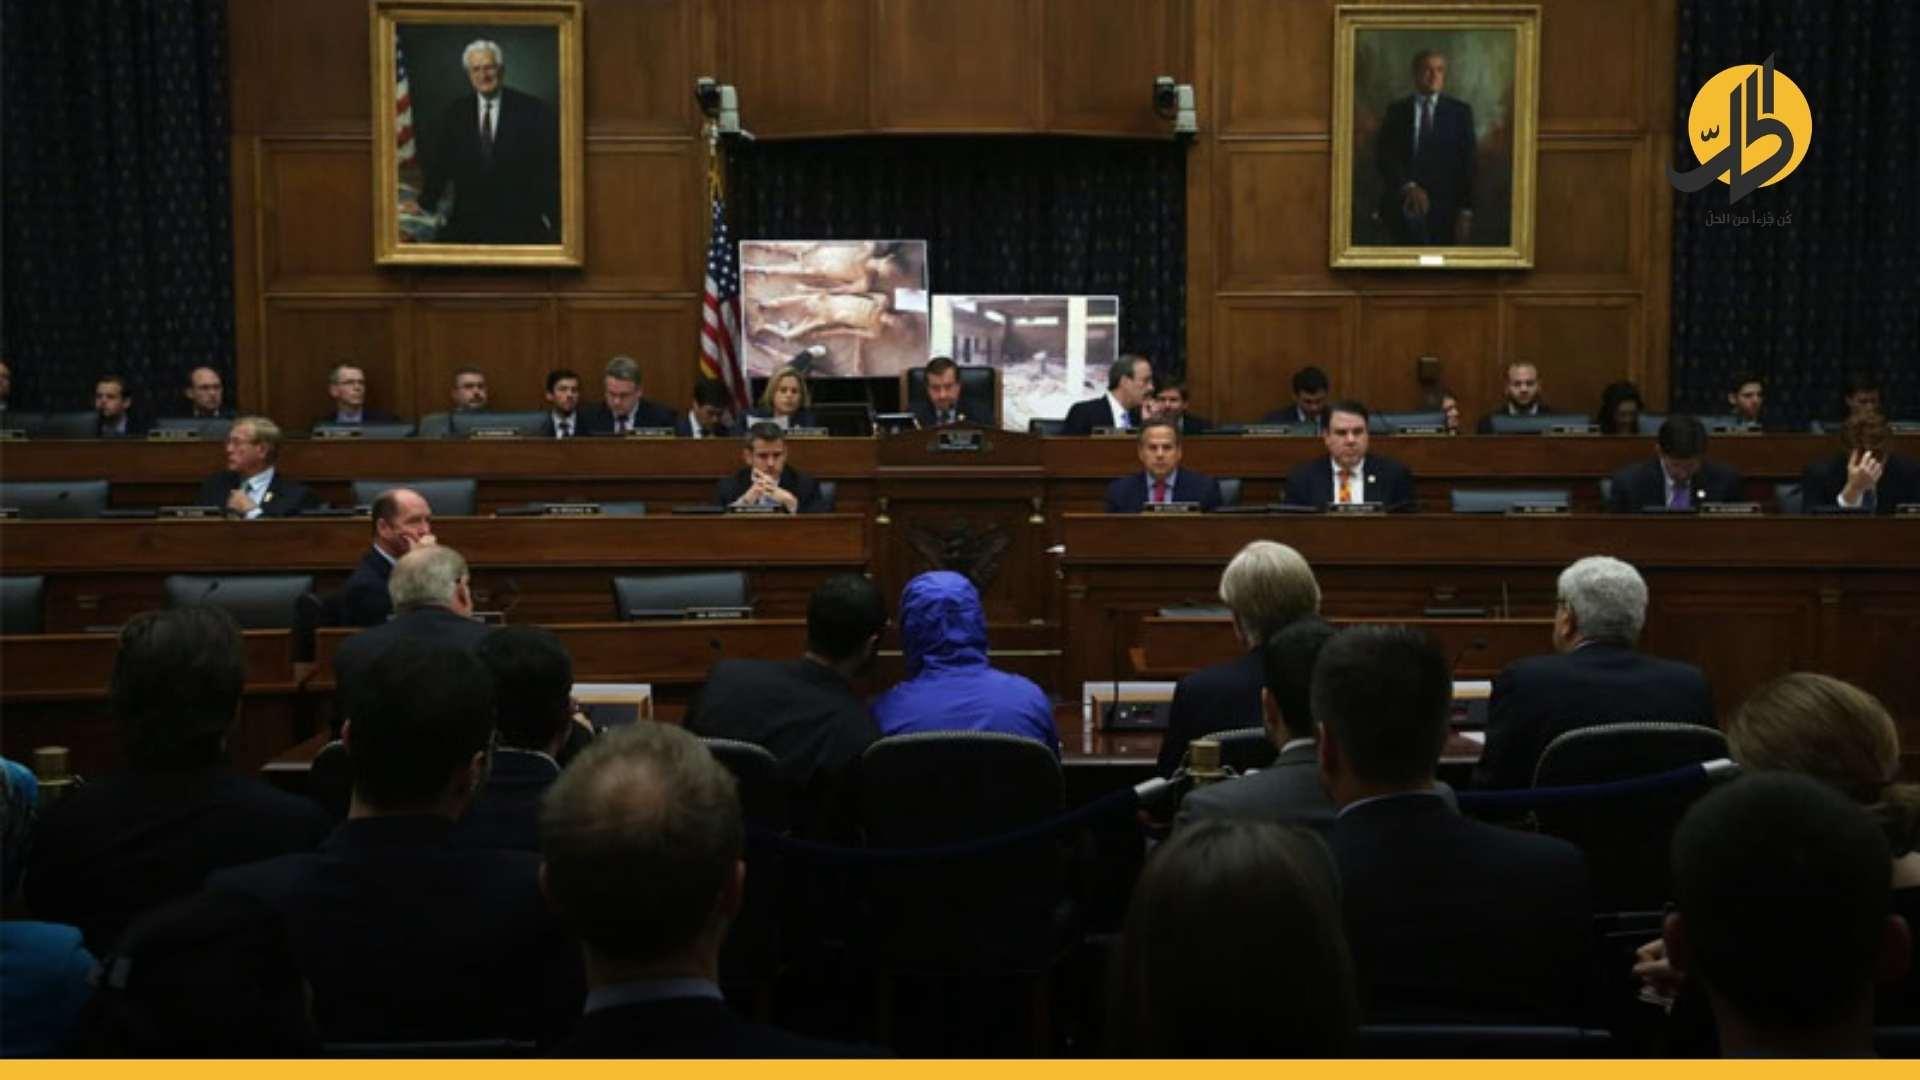 مشروع قرار أميركي حيال نظام الأسد من شانه تغيير القرارات السابقة المتخذة بحقه